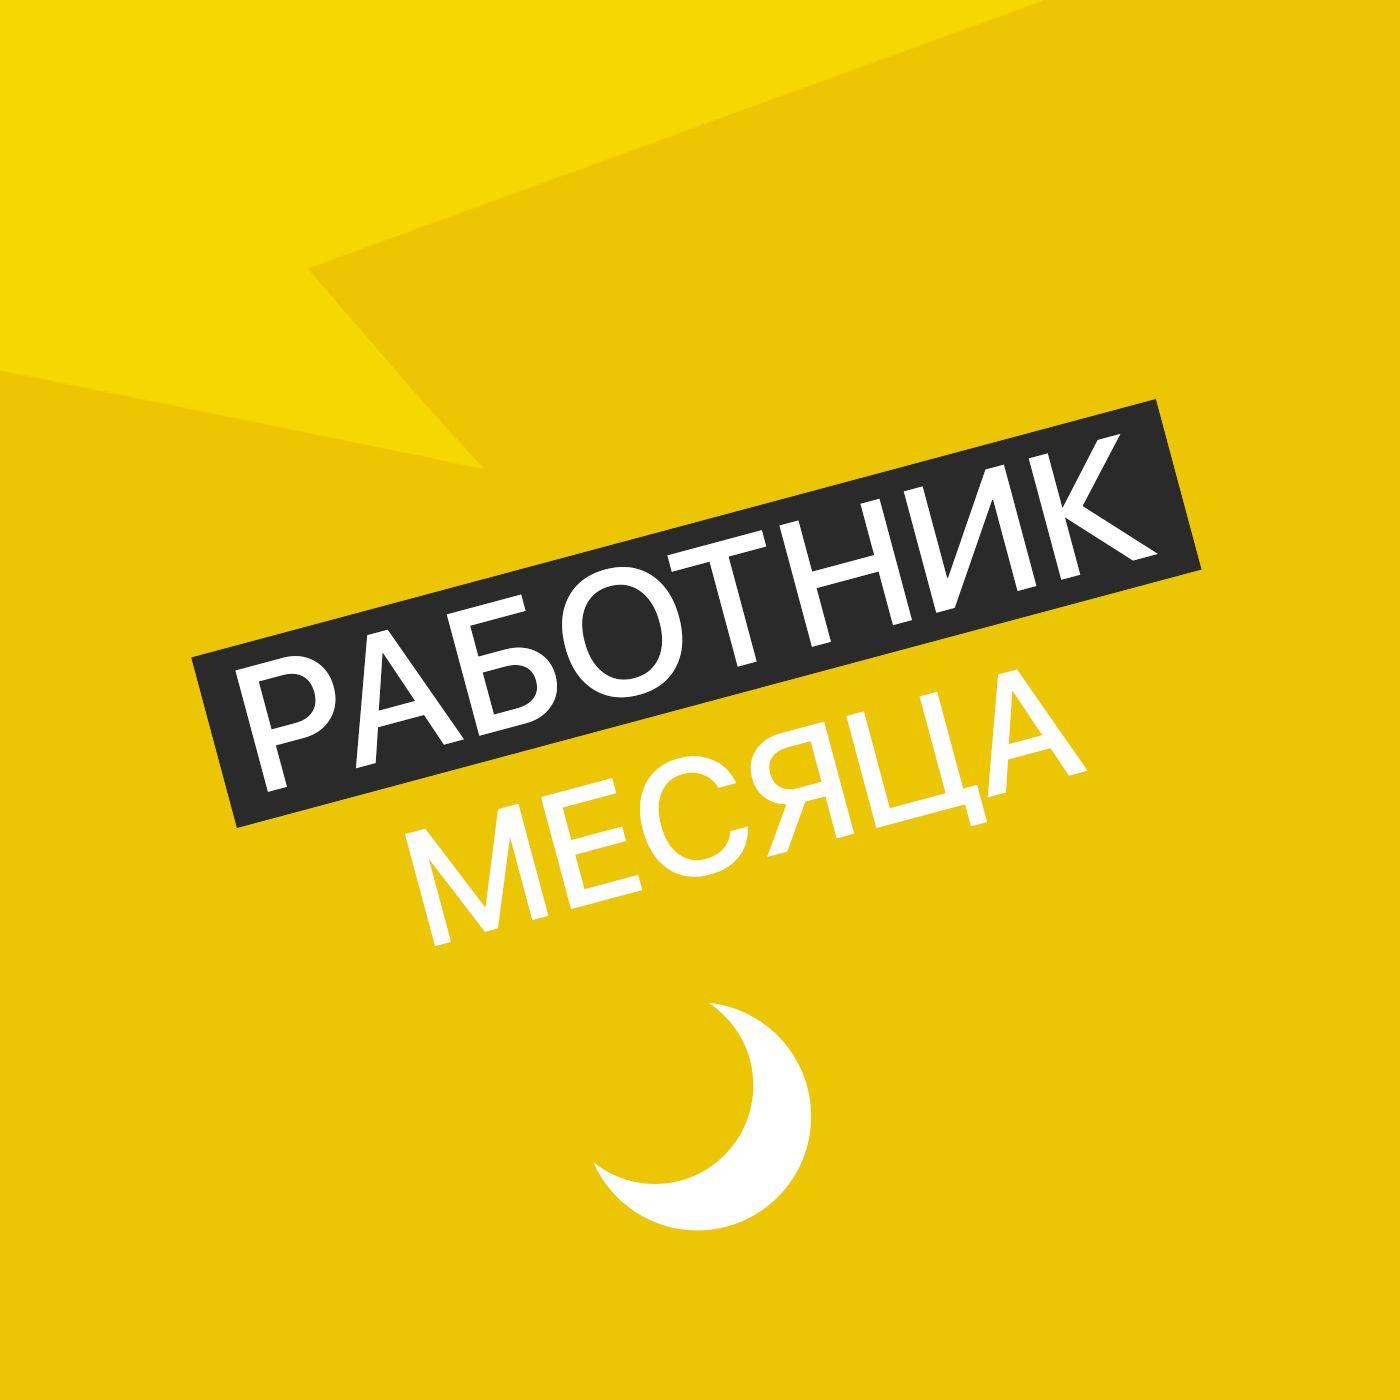 Эзотерик_Творческий коллектив Mojomedia